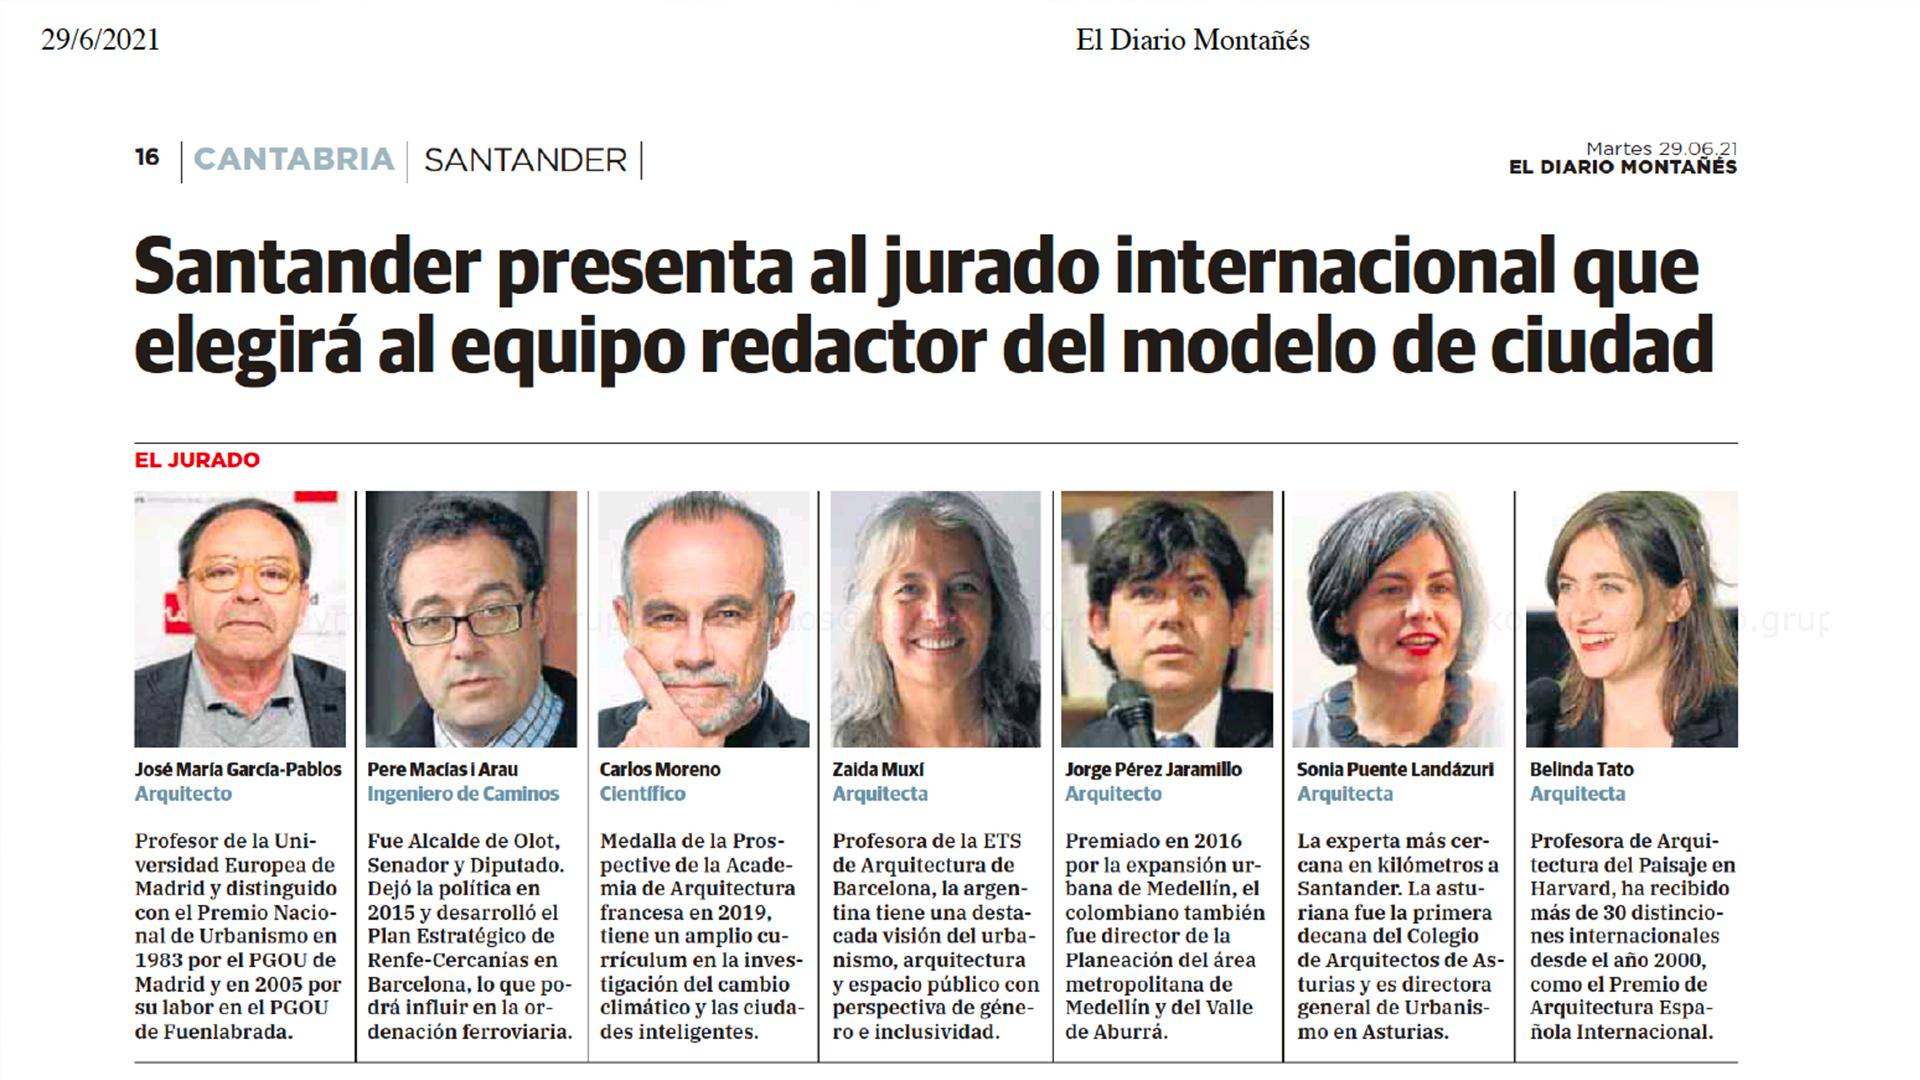 El Diario Montañés – Santander presenta al jurado internacional que elegirá al equipo redactor del medelo de ciudad – martes 29 de junio de 2021